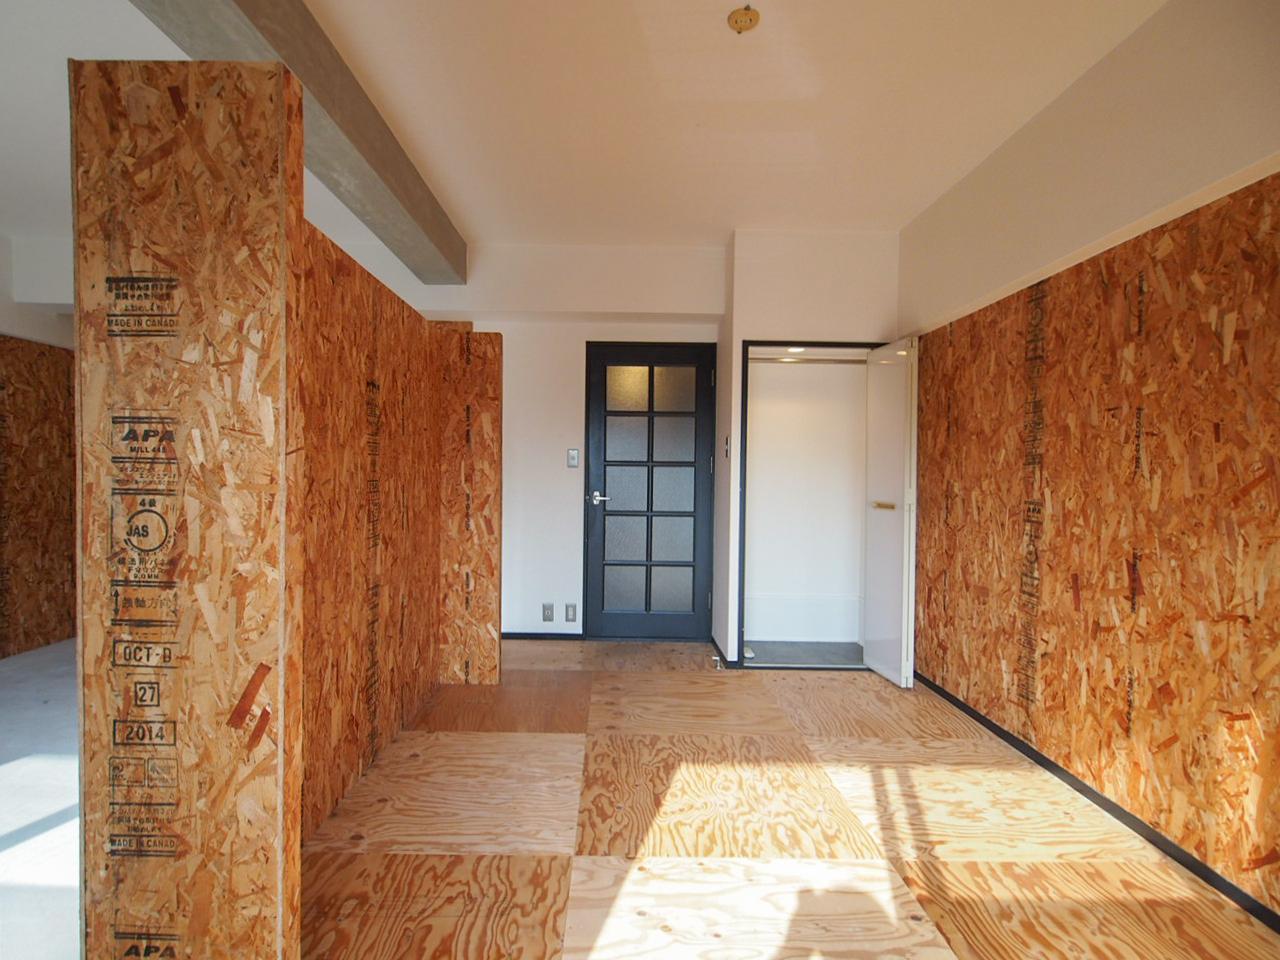 木質感たっぷりなお部屋